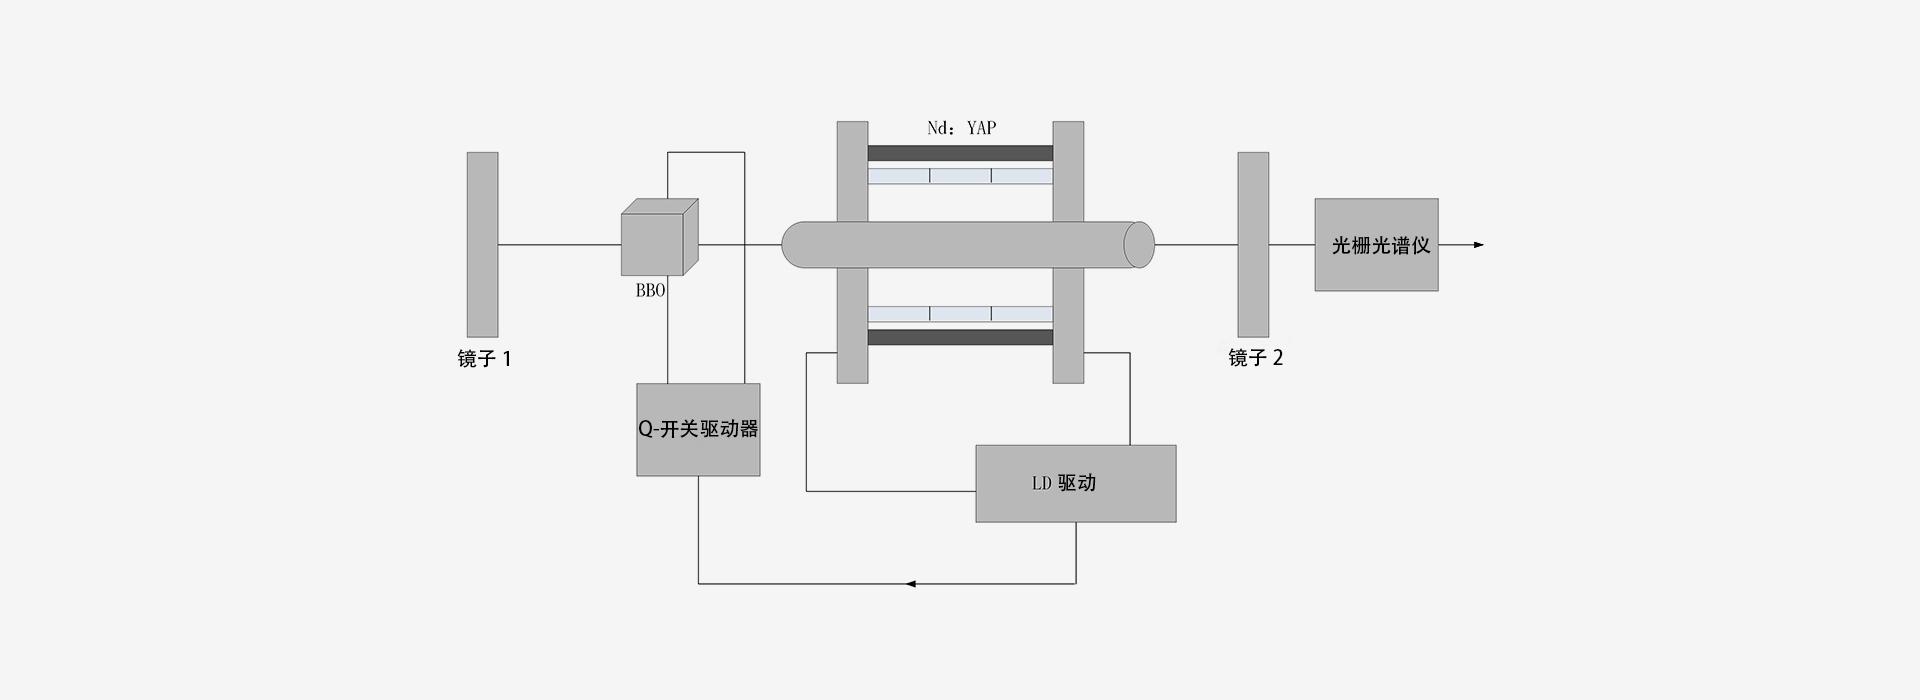 1300nm-激光器原理图-南京光宝-CRYLINK